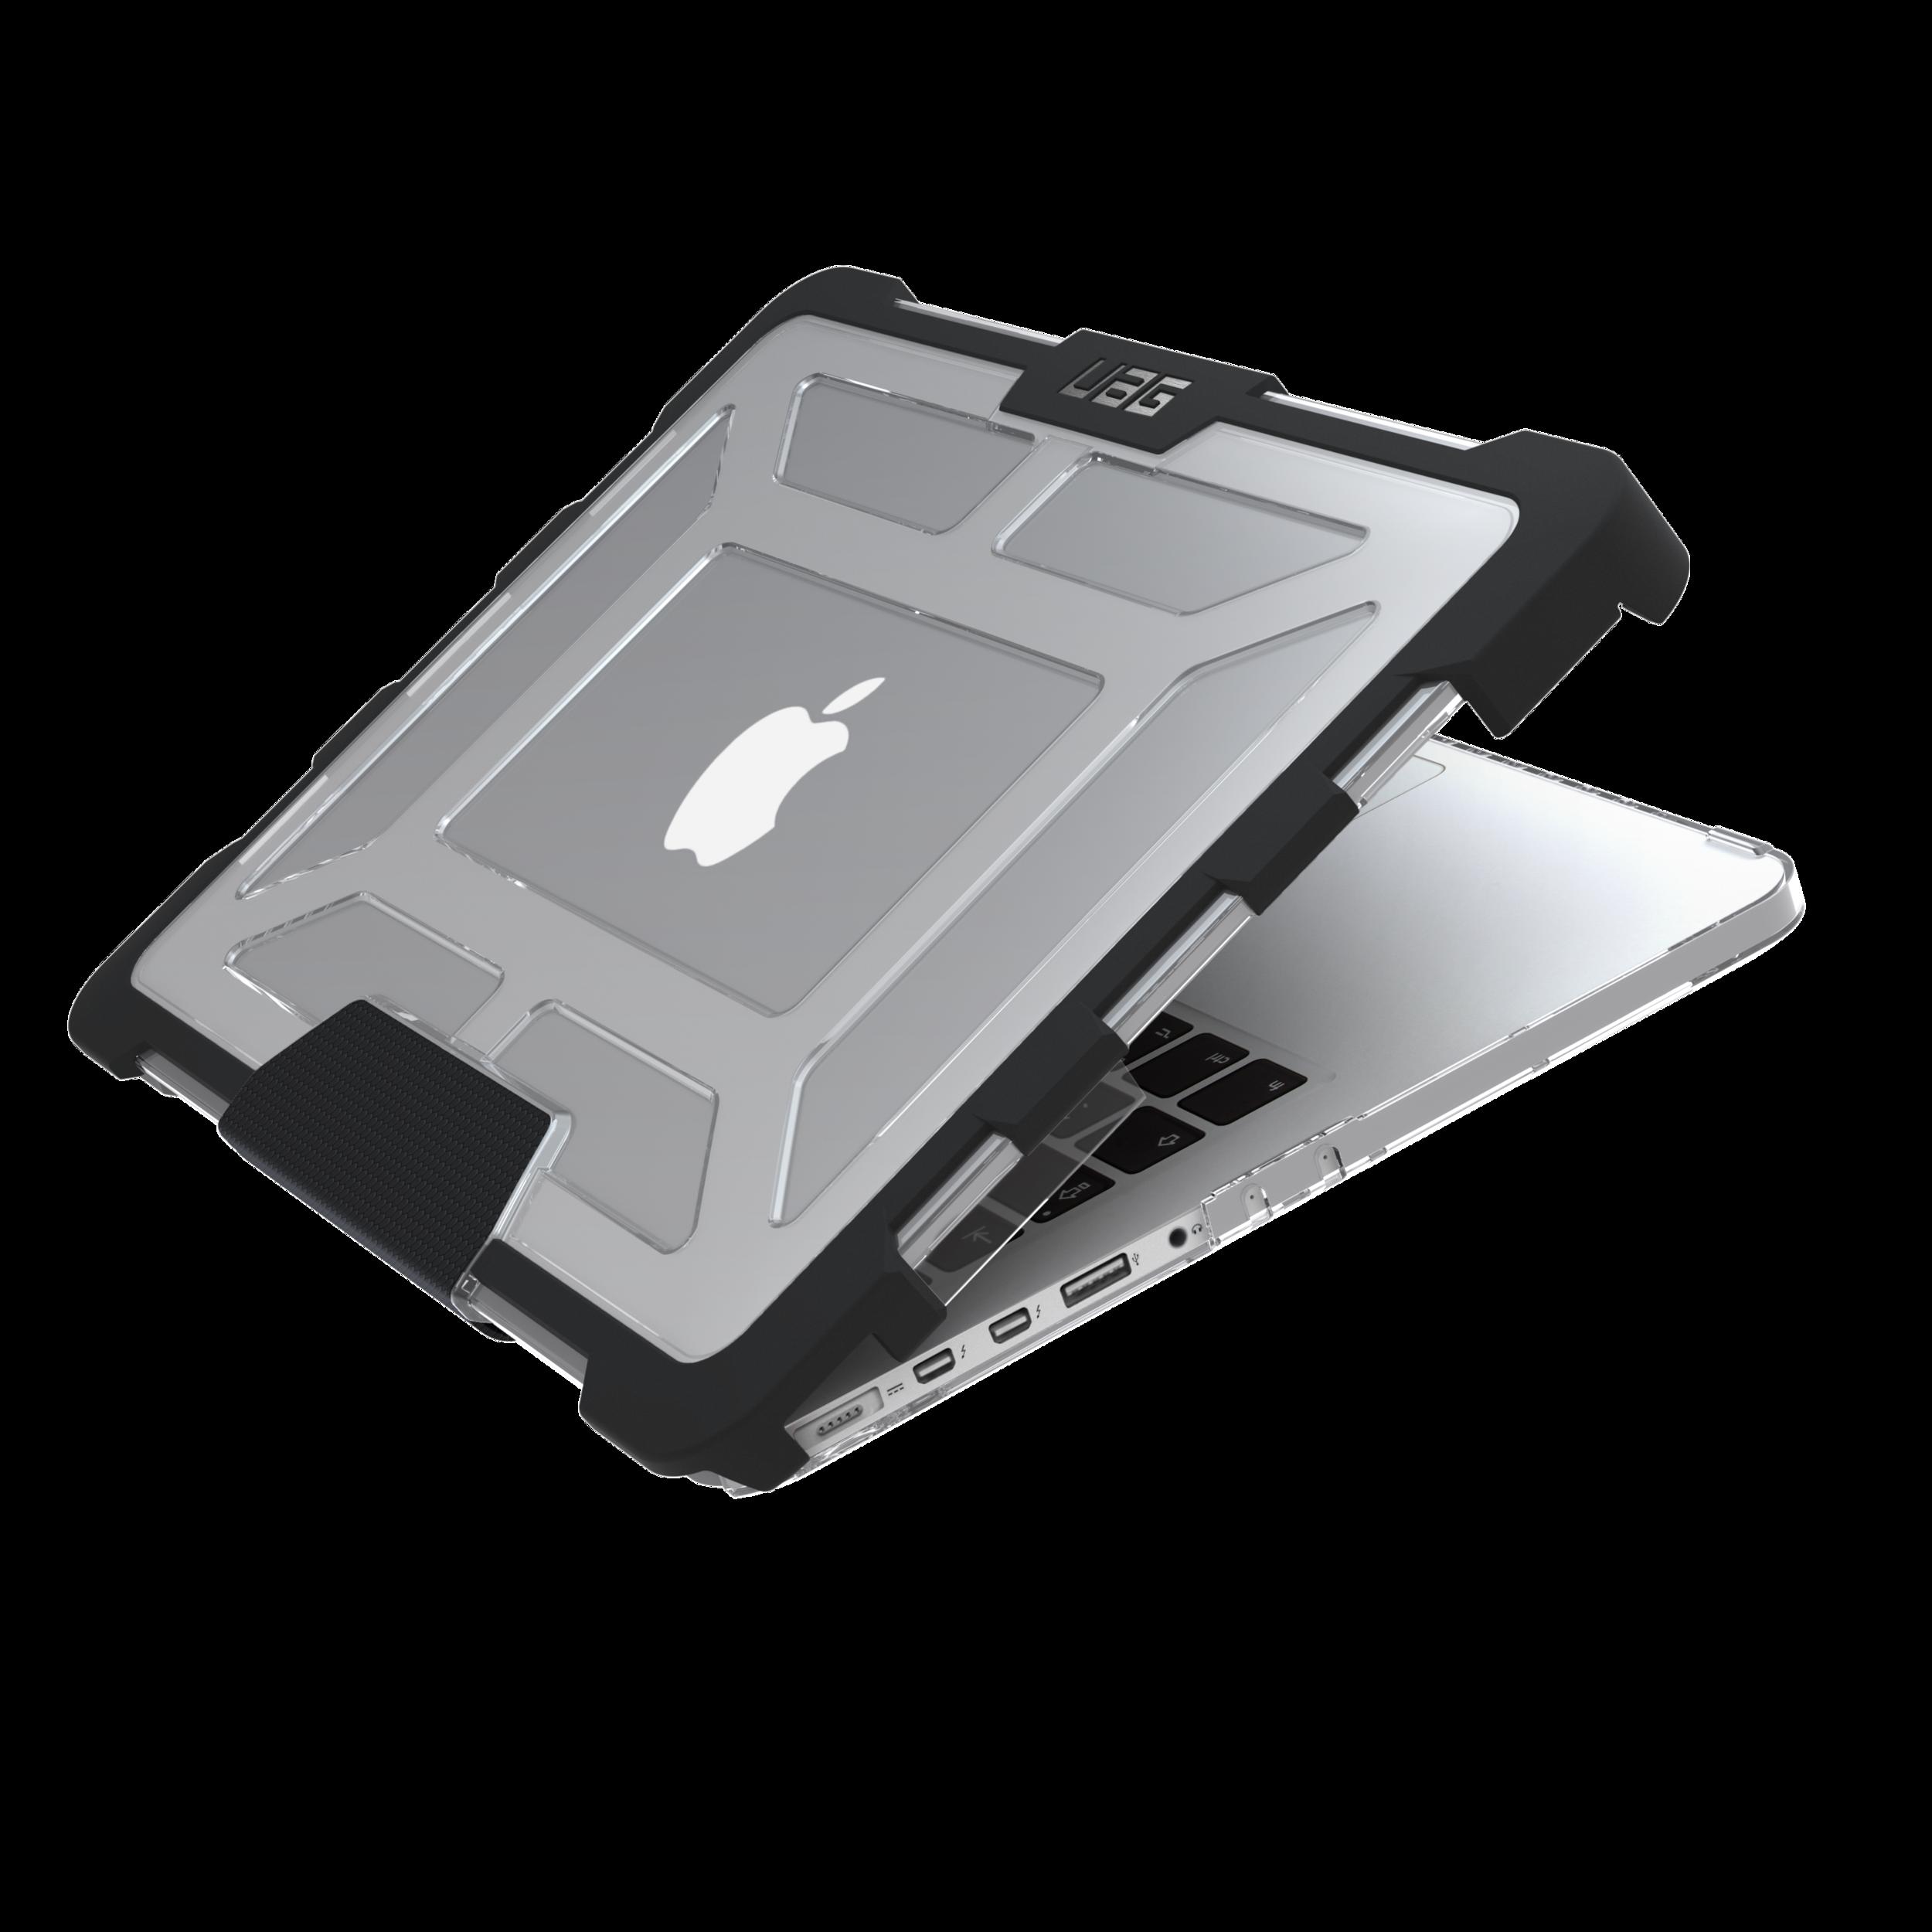 Protection renforcee MacBook PRO Retina 13 avec Bandeau lumineux Secure Transparent